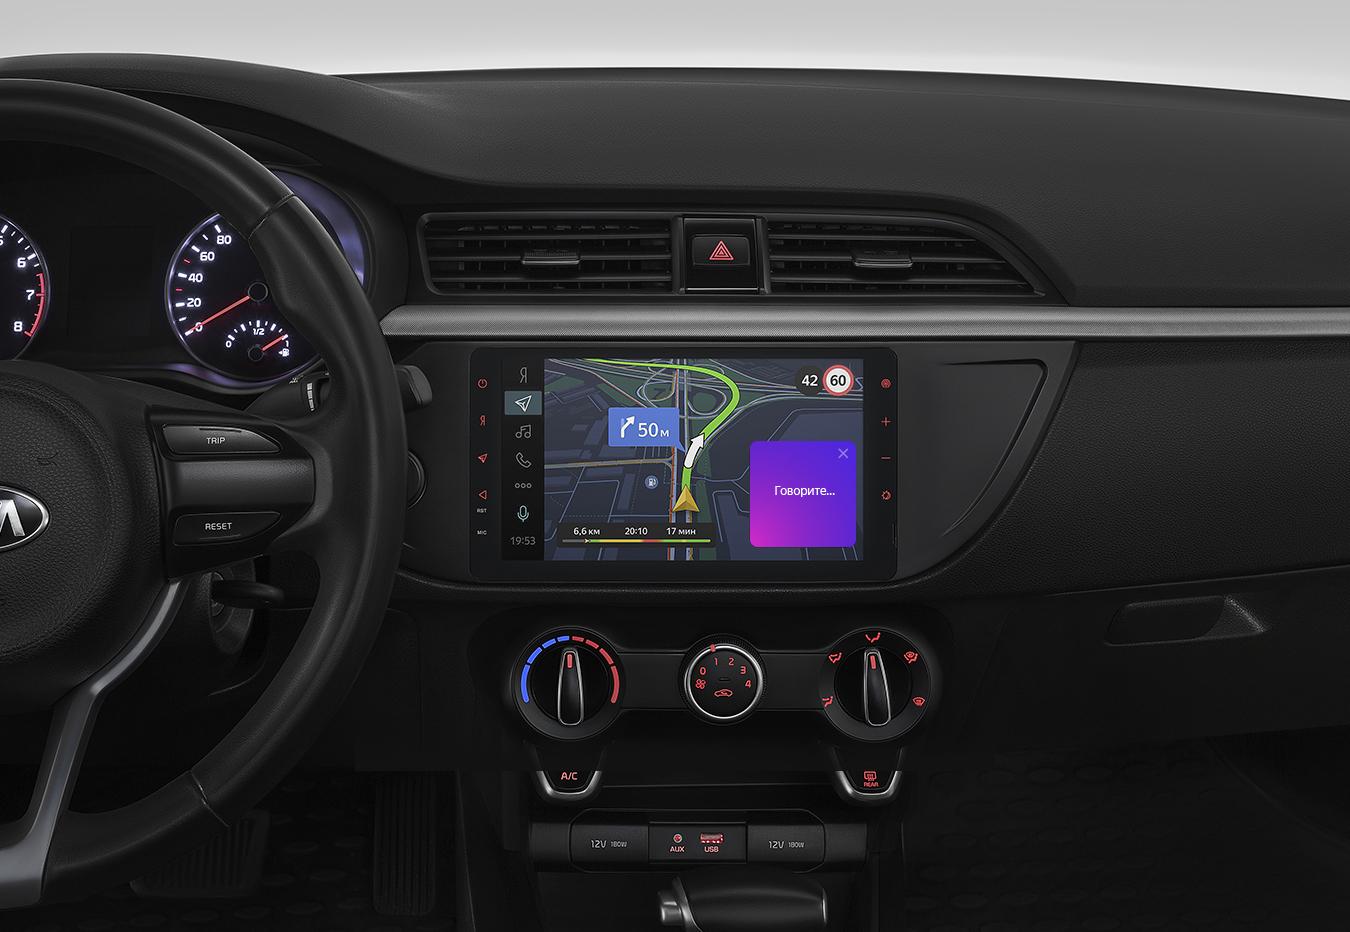 Яндекс выпускает бортовой компьютер для автомобилей